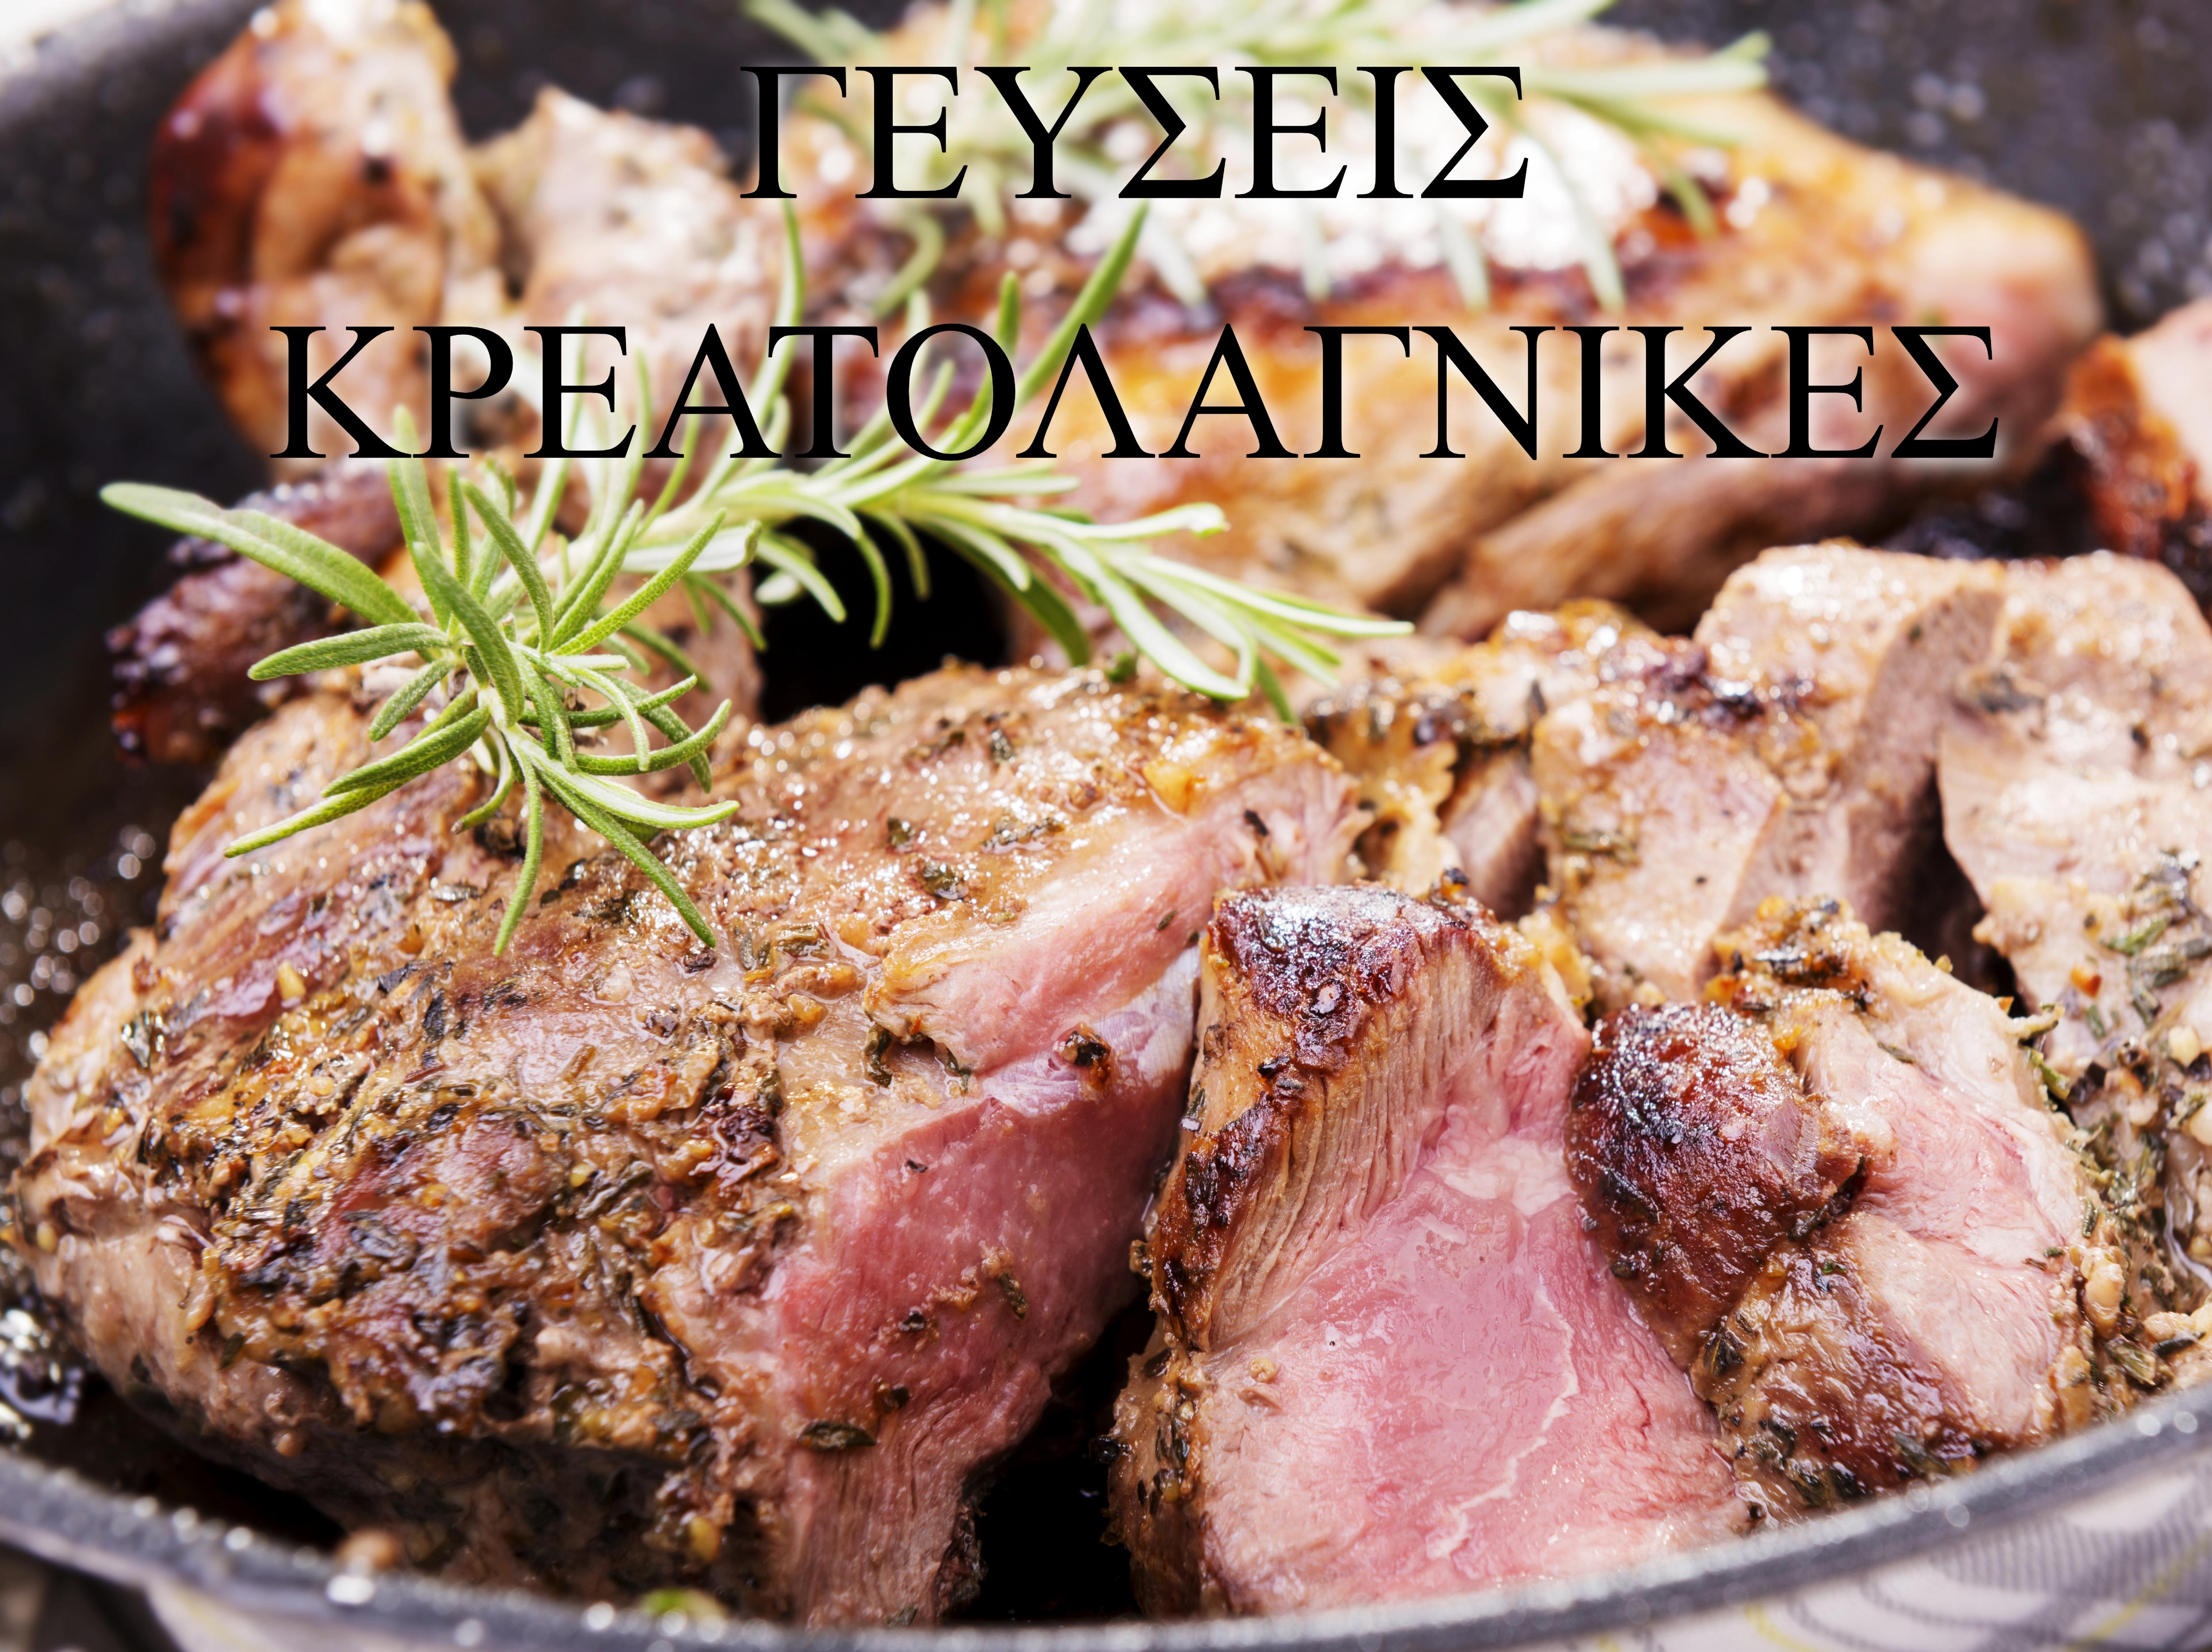 ΓΕΥΣΕΙΣ ΚΡΕΑΤΟΛΑΓΝΙΚΕΣ